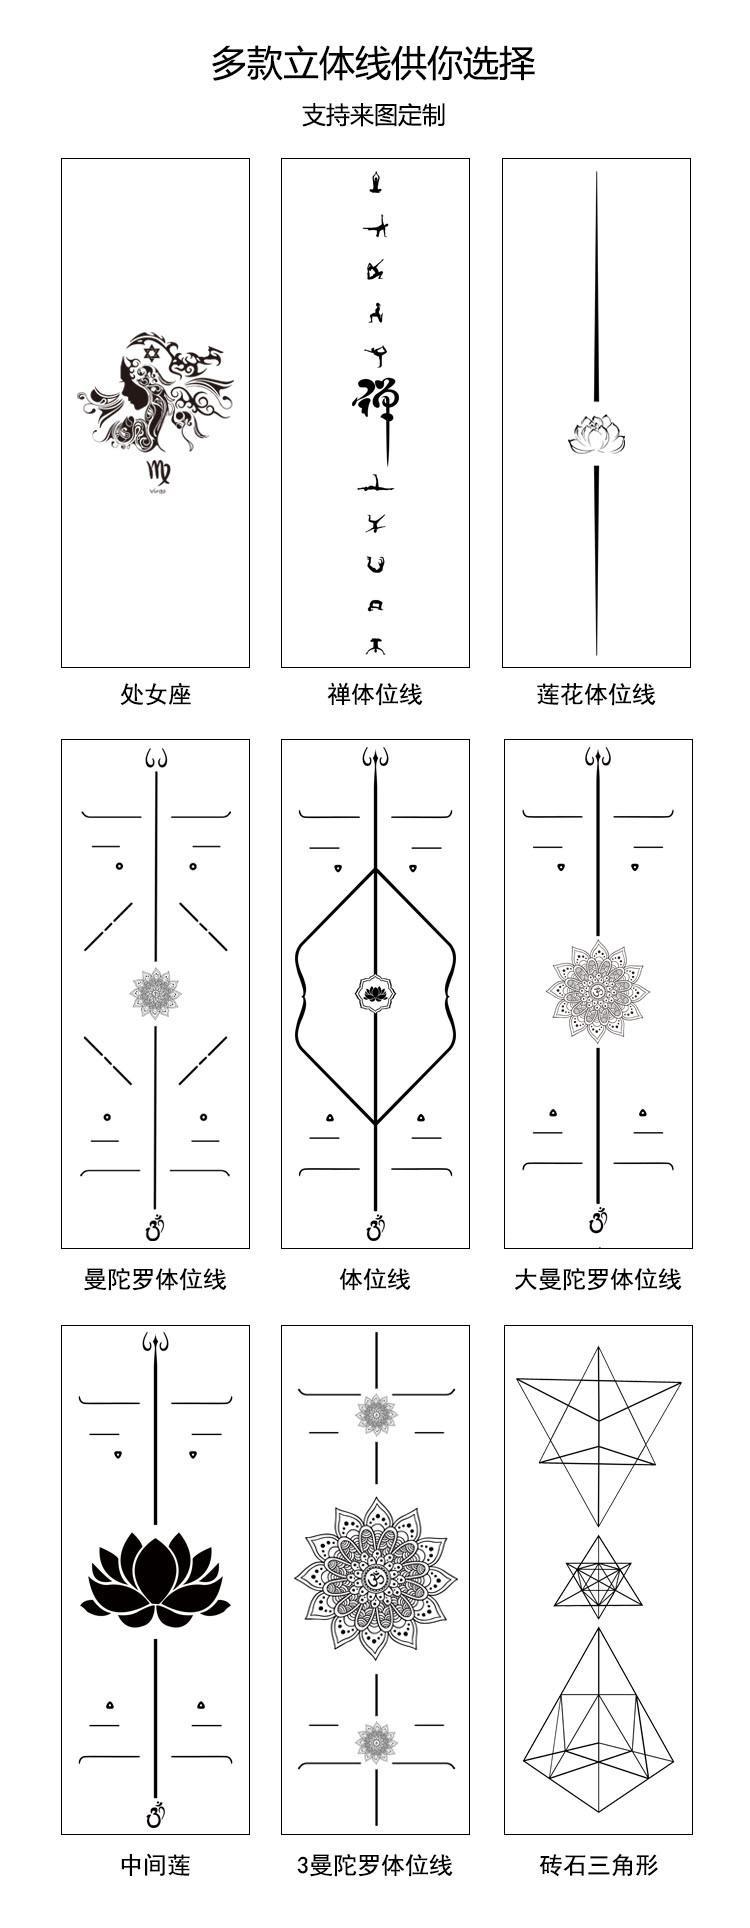 Yoga mat PU rubber mat Antislip mat 6